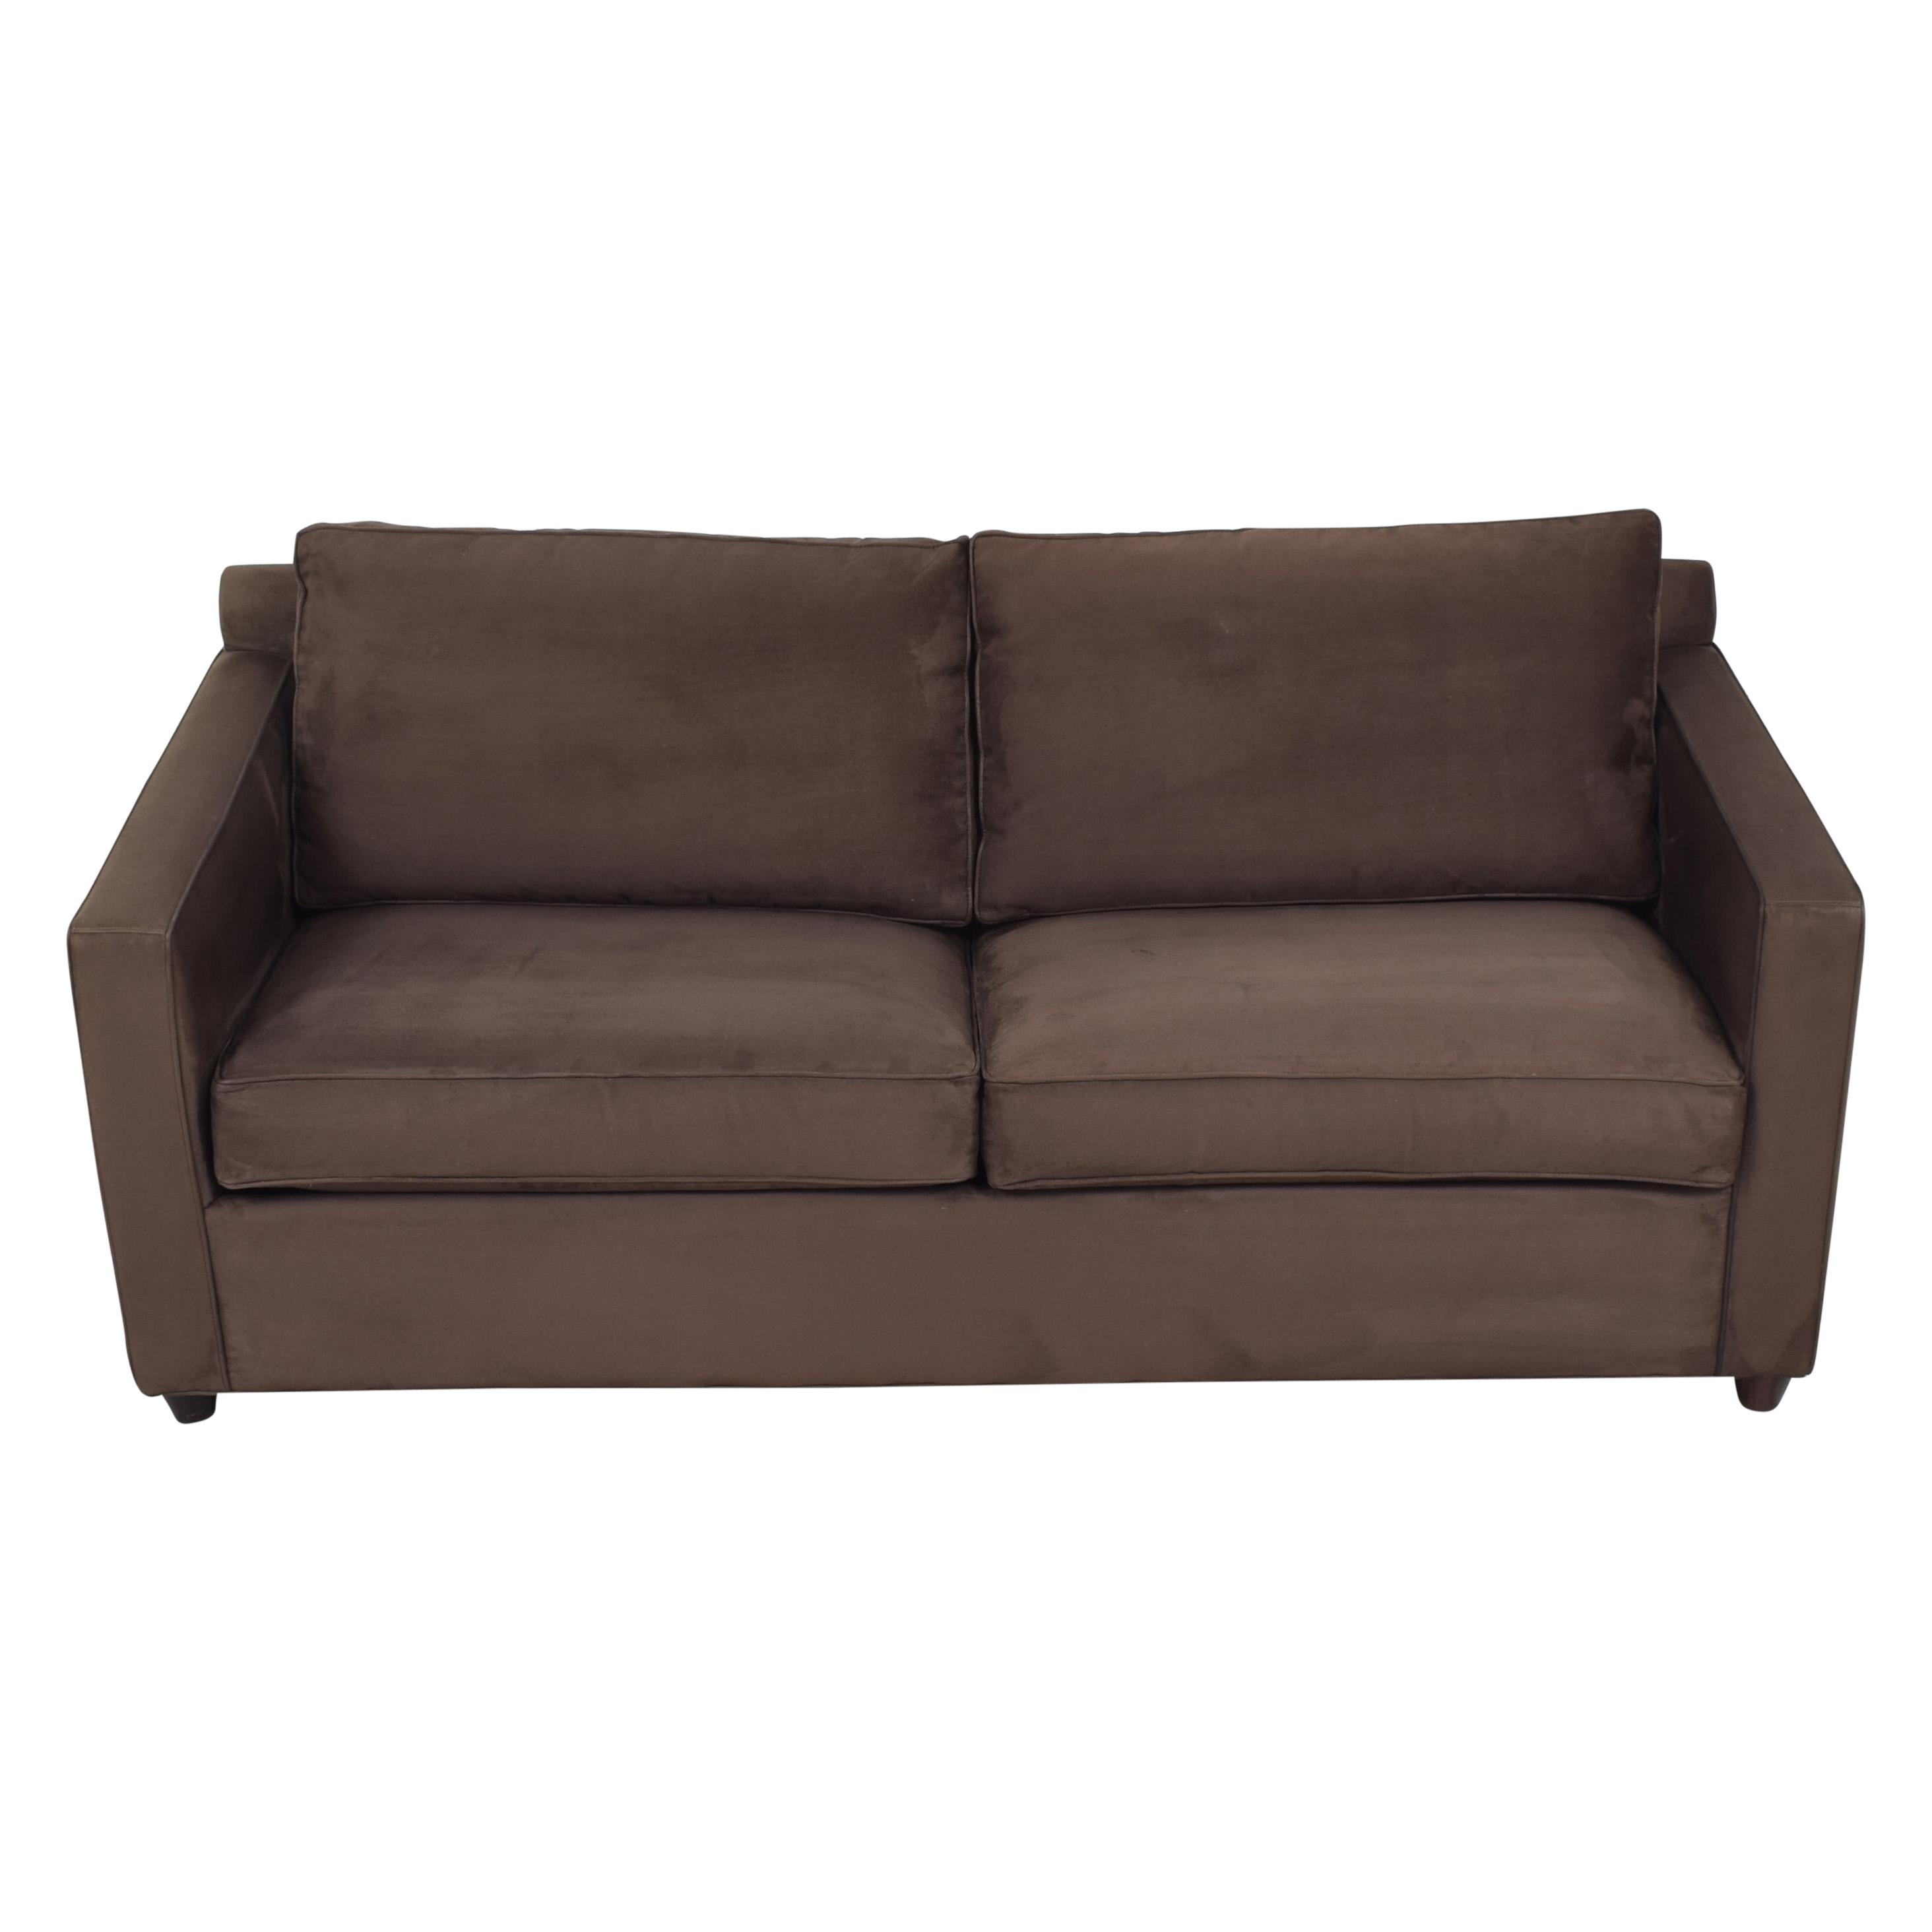 buy Crate & Barrel Barrett Queen Sleeper Sofa Crate & Barrel Sofas